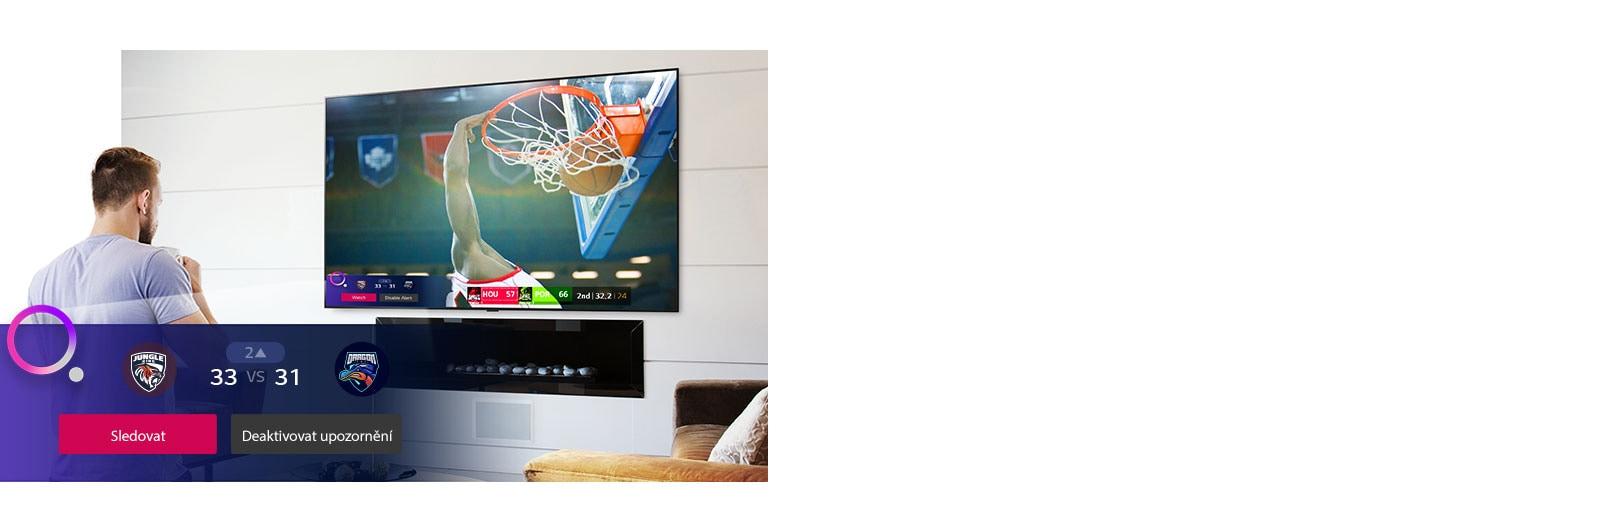 TV obrazovka se scénou zbasketbalového zápasu sSportovního upozornění